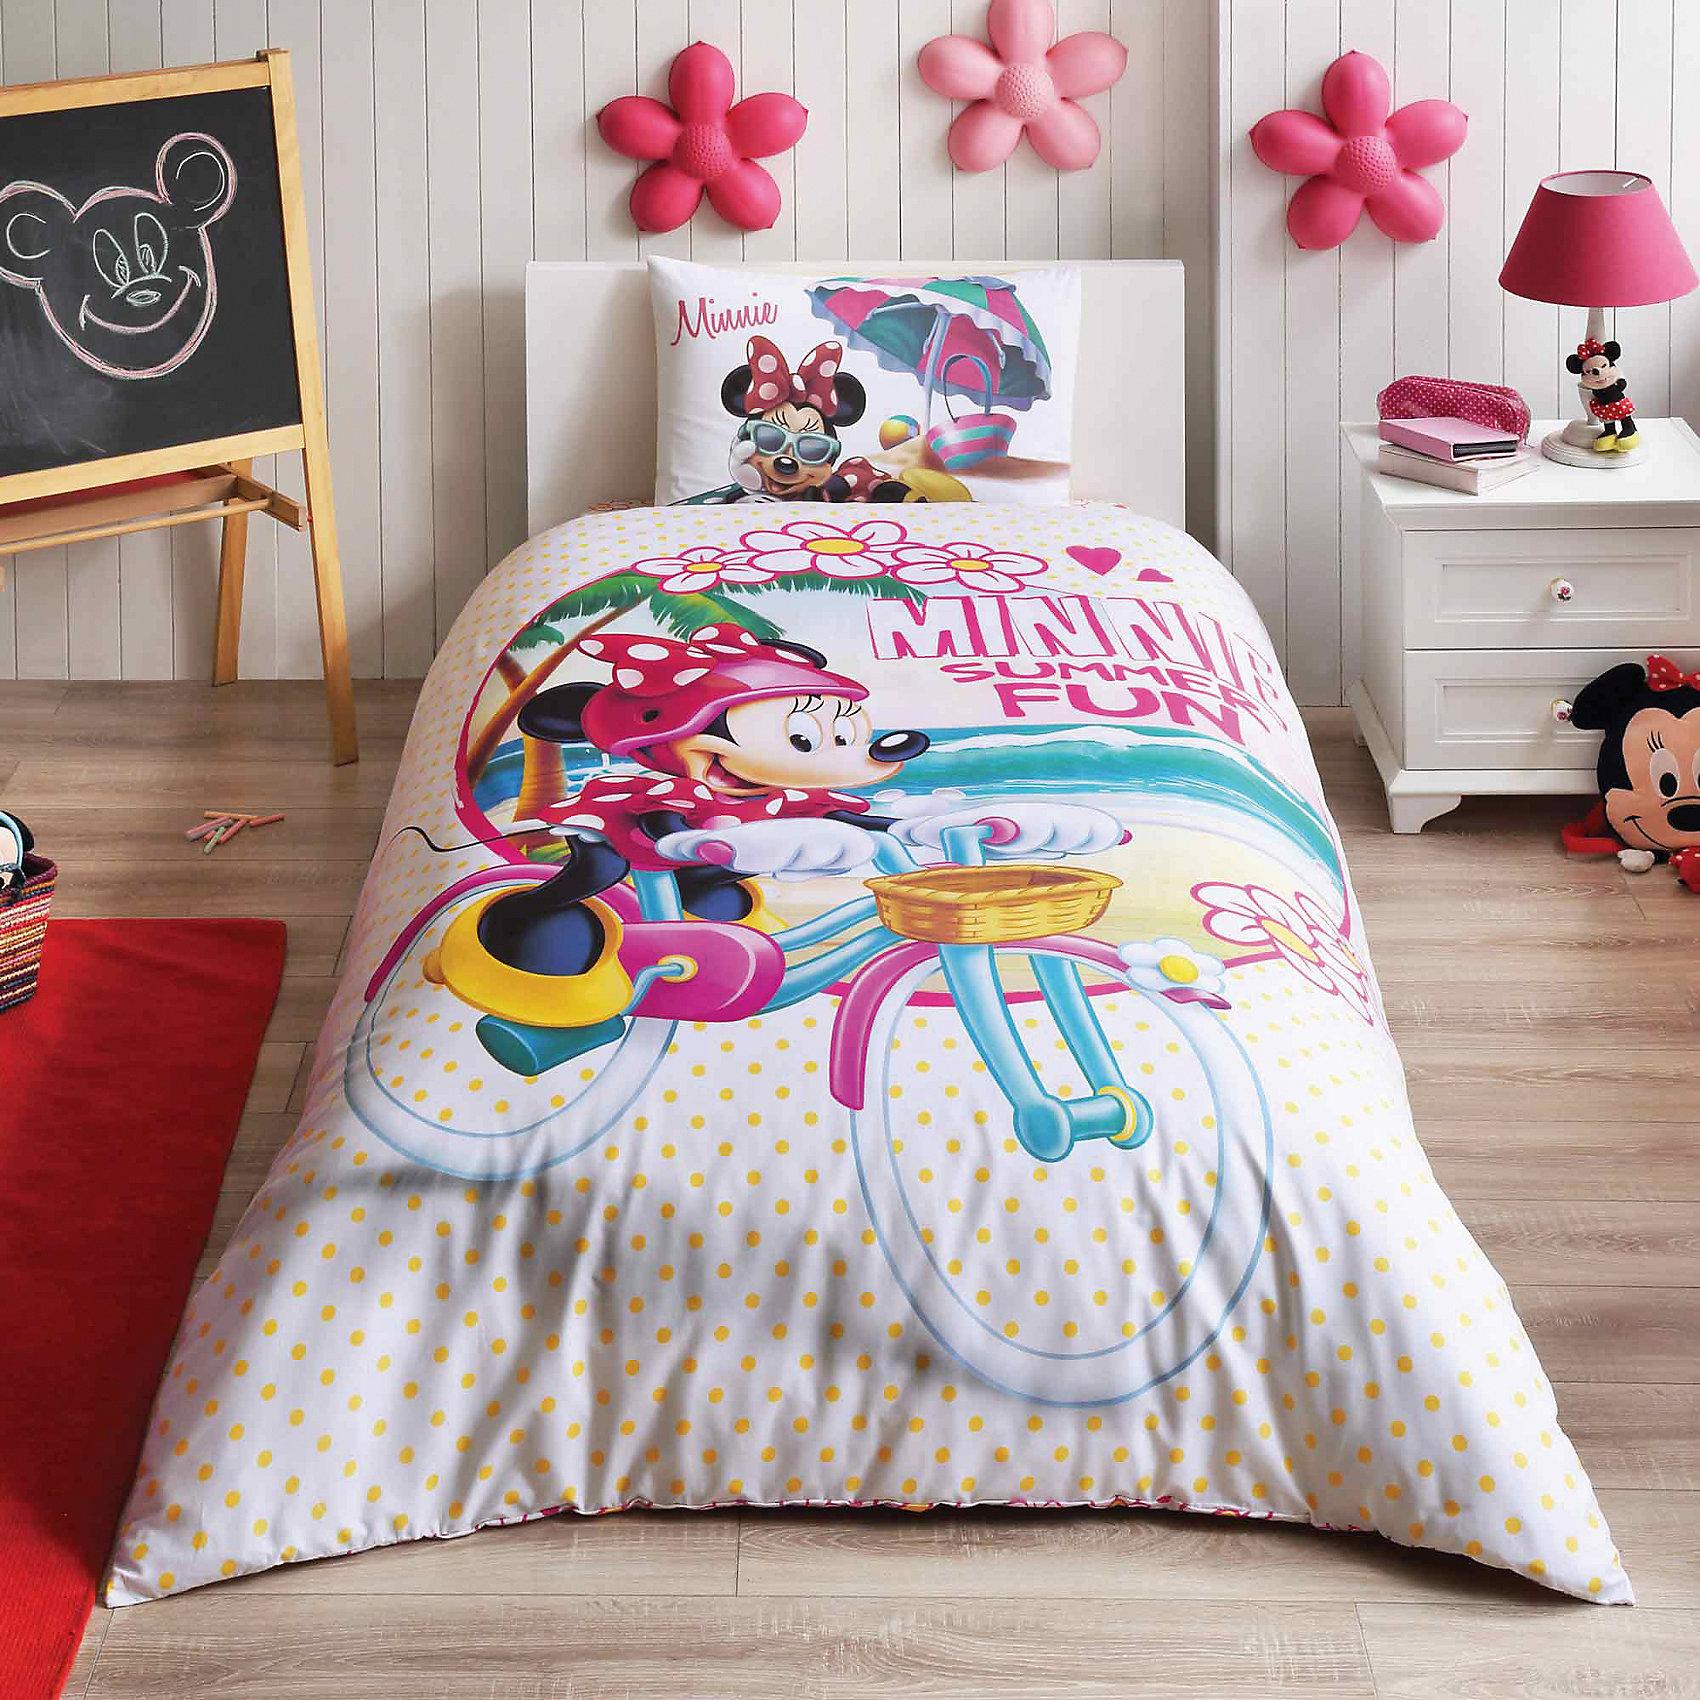 Постельное белье 3 пред. Minnie Summer, Disney/Ranforce, TACДетское постельное бельё<br>Характеристики товара: <br><br>• пододеяльник (160х220см), наволочка (50х70см), простынь (100х200см)<br>• материал: ранфорс (100% хлопок);<br>• цвет: белый;<br>• страна бренда: Турция;<br>• страна производитель: Турция.<br><br>Это постельное бельё от турецкого бренда TAC (ТАЧ) отлично подойдёт маленькой девочке, мечтающей о собственном волшебном мире. Несмотря на плотность ткани, она состоит из мельчайших волокон, что придаёт мягкость и воздушность изделию. Все материалы, которые входят в состав этого комплекта, гипоаллергенны и не вызывают неприятных ощущений. Это бельё не боится воды, так как пропускает через себя около 20% влаги и выводит наружу, поэтому её очень легко сушить. Кроме того, контроль влаги поддерживает температурный баланс тела. Благодаря специальному составу материал не электризуется и способствует улучшению сна ребёнка.<br><br>Такой комплект очень устойчив к частым стиркам, его рекомендуется стирать обычным детским мылом без отдушек.<br> Сказочный мир с персонажем «Мини Маус» в главной роли будет всегда создавать уют и радовать ребенка.<br><br>Постельное белье Minnie Summer (Минни Самер) можно купить в нашем интернет-магазине.<br><br>Ширина мм: 290<br>Глубина мм: 70<br>Высота мм: 390<br>Вес г: 1100<br>Возраст от месяцев: 36<br>Возраст до месяцев: 144<br>Пол: Женский<br>Возраст: Детский<br>SKU: 6849240